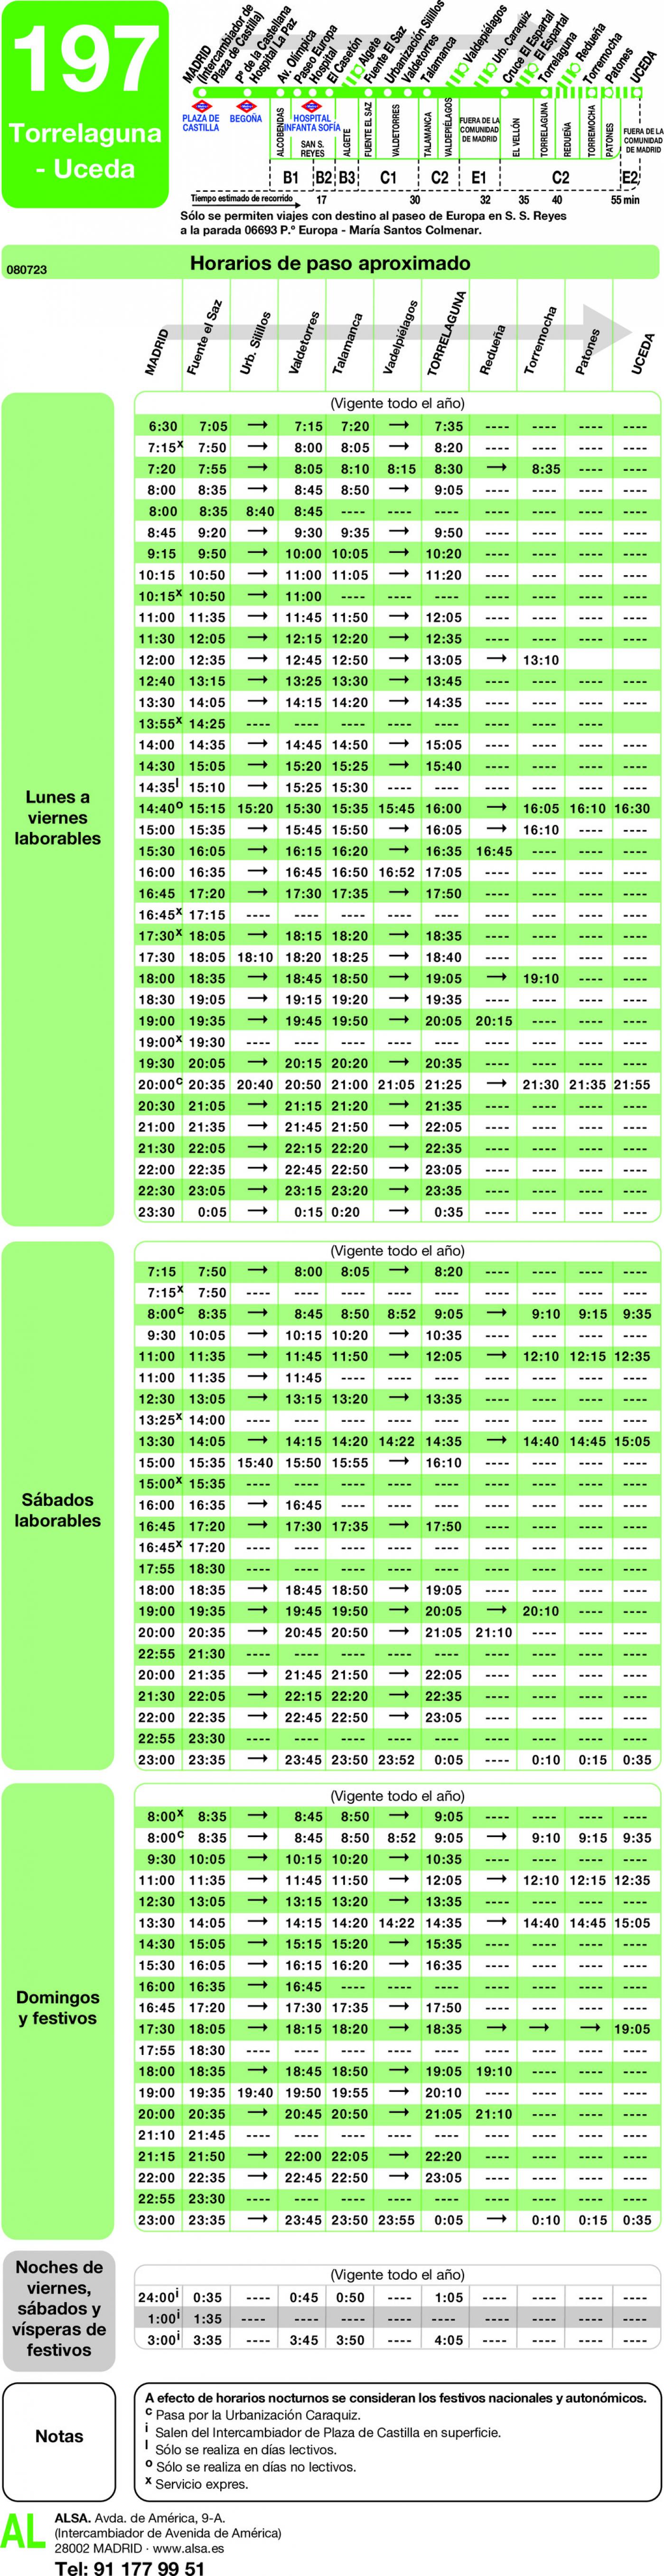 Tabla de horarios y frecuencias de paso en sentido ida Línea 197: Madrid (Plaza Castilla) - Torrelaguna - Uceda